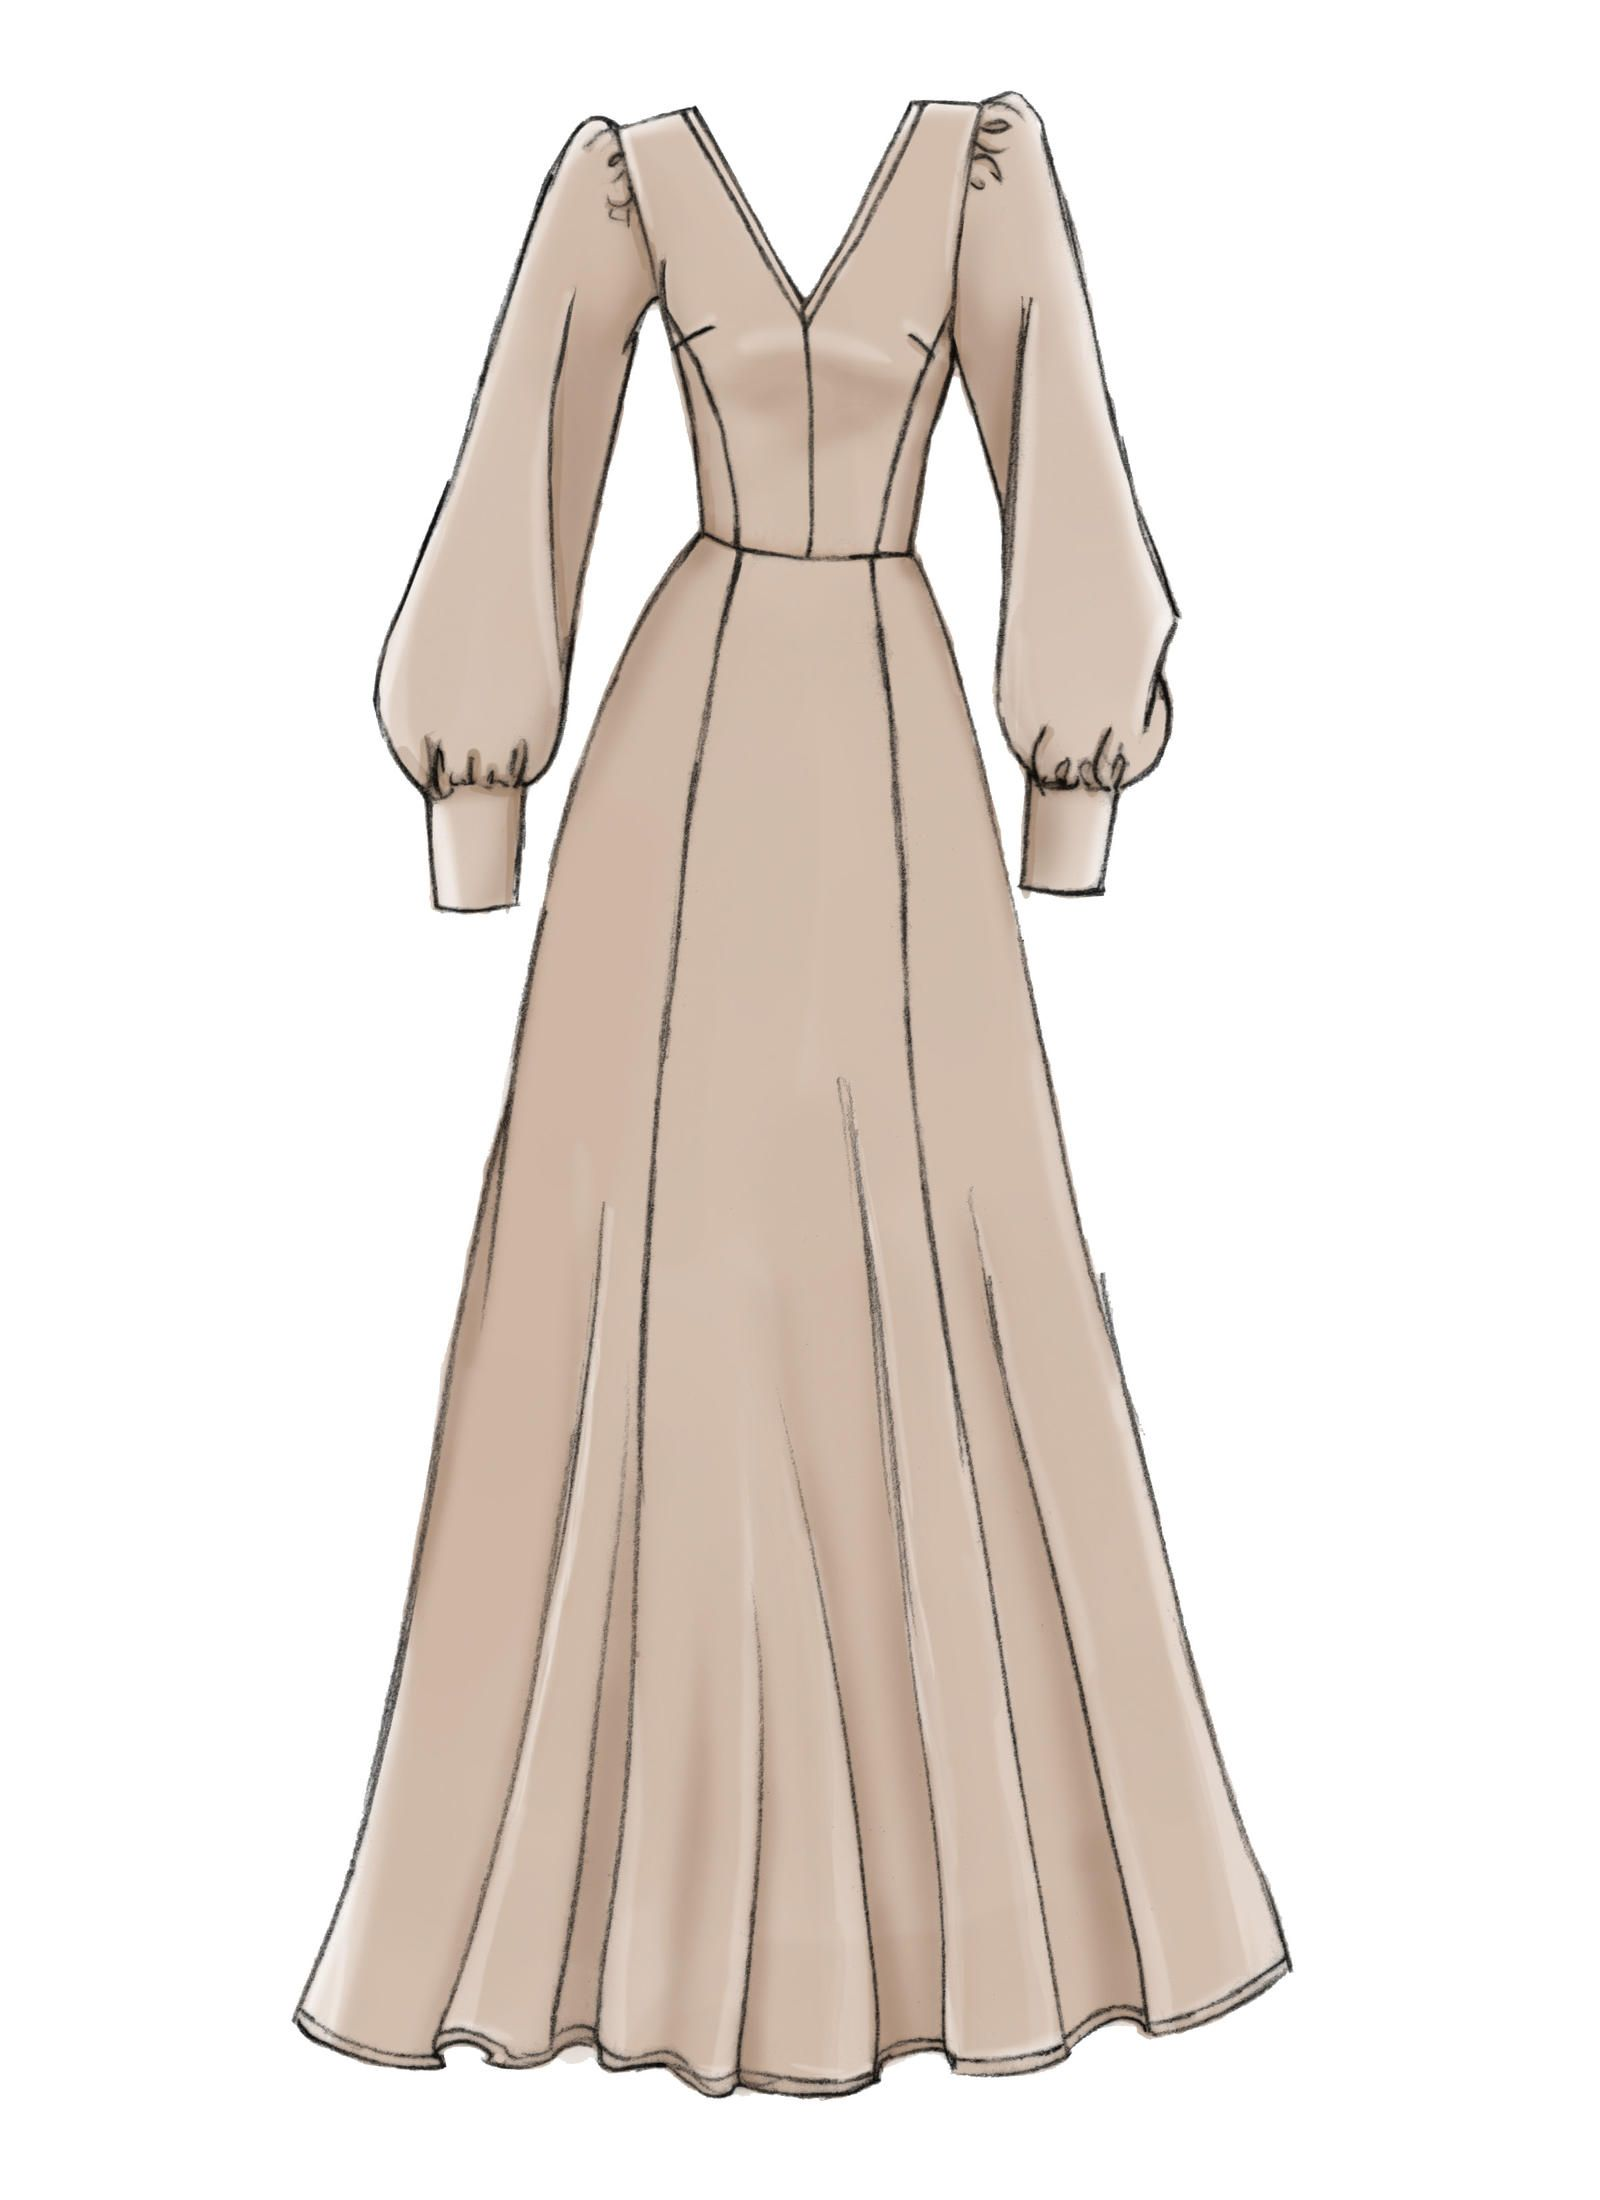 V9328 Misses Dress Sewing Pattern Vogue Patterns Maxi Dress Pattern Sewing Fashion Drawing Dresses Dress Design Sketches